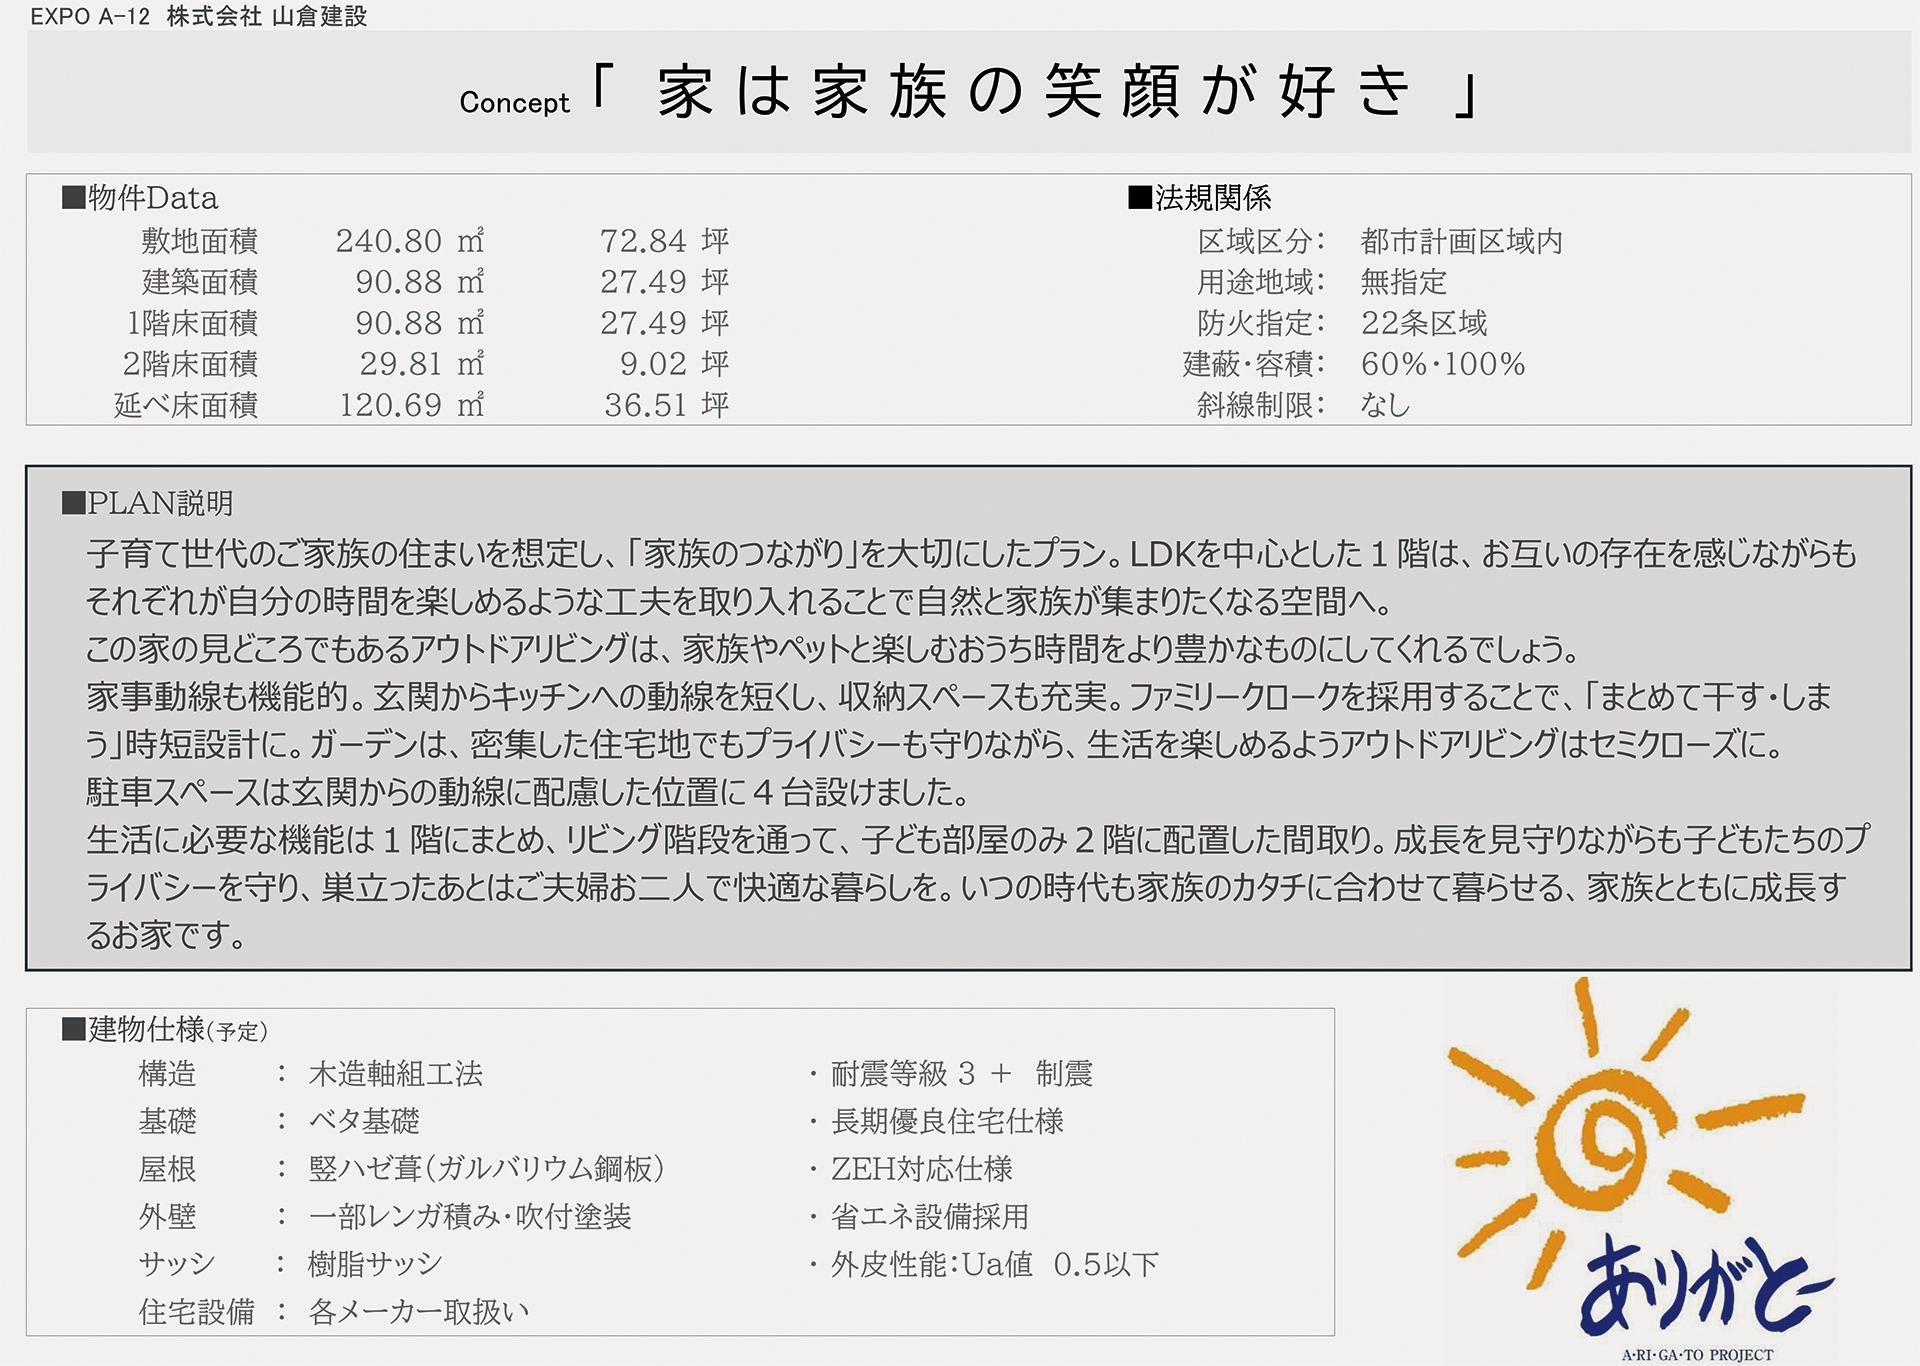 03_フロム様提出用_かがわEXPO21_山倉建設図面-1